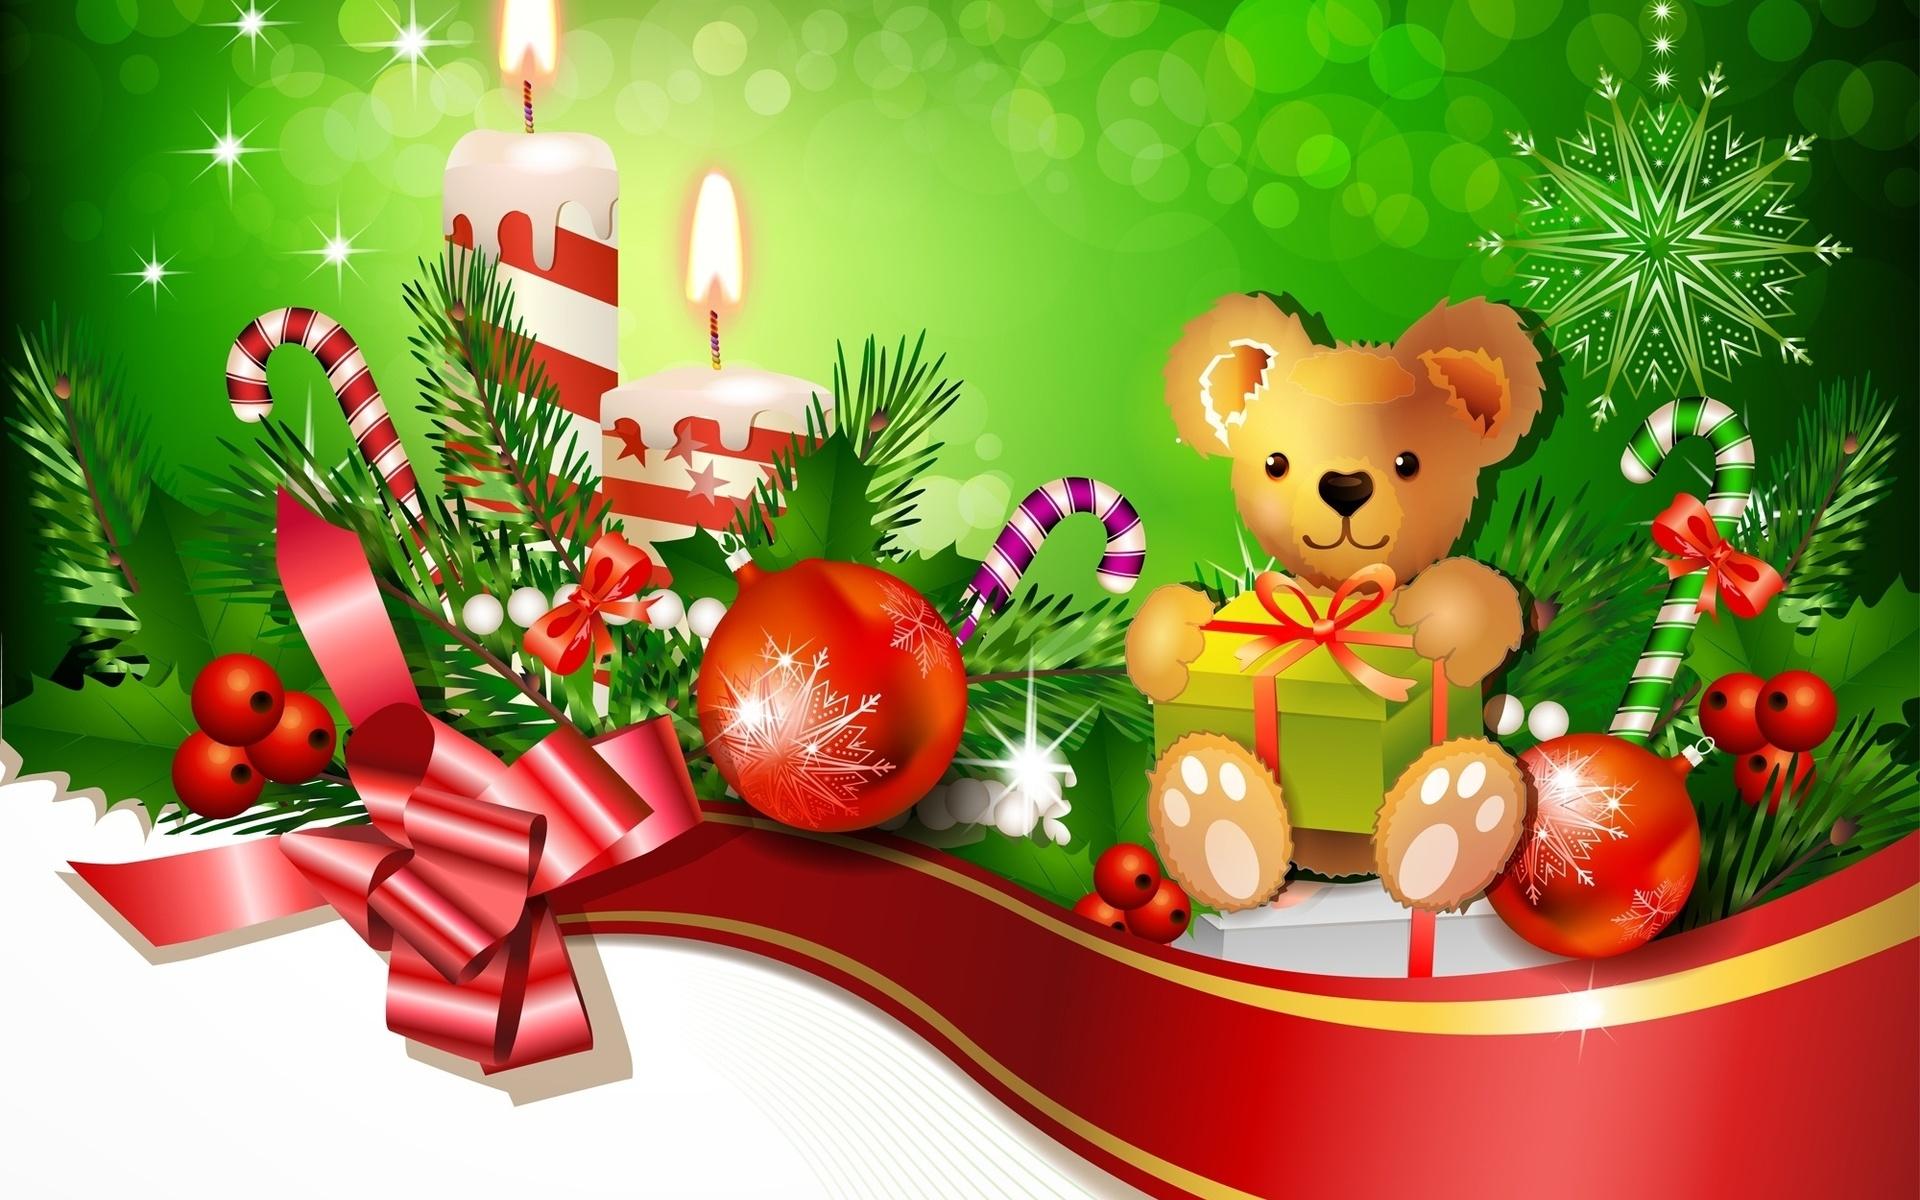 красочный картинки рождественских поздравлений